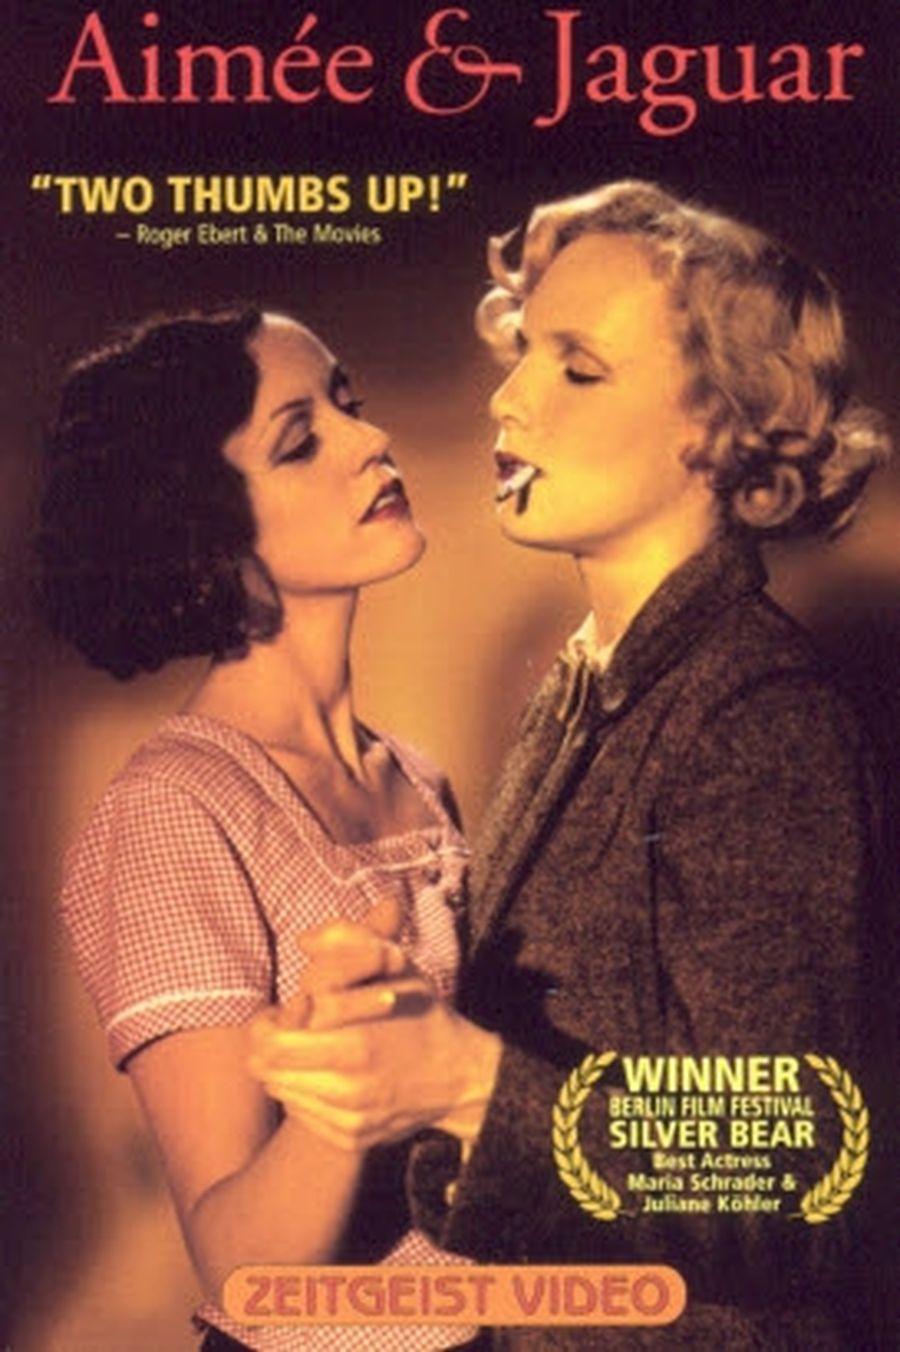 Фильм про еврейских девушек лесбиянок